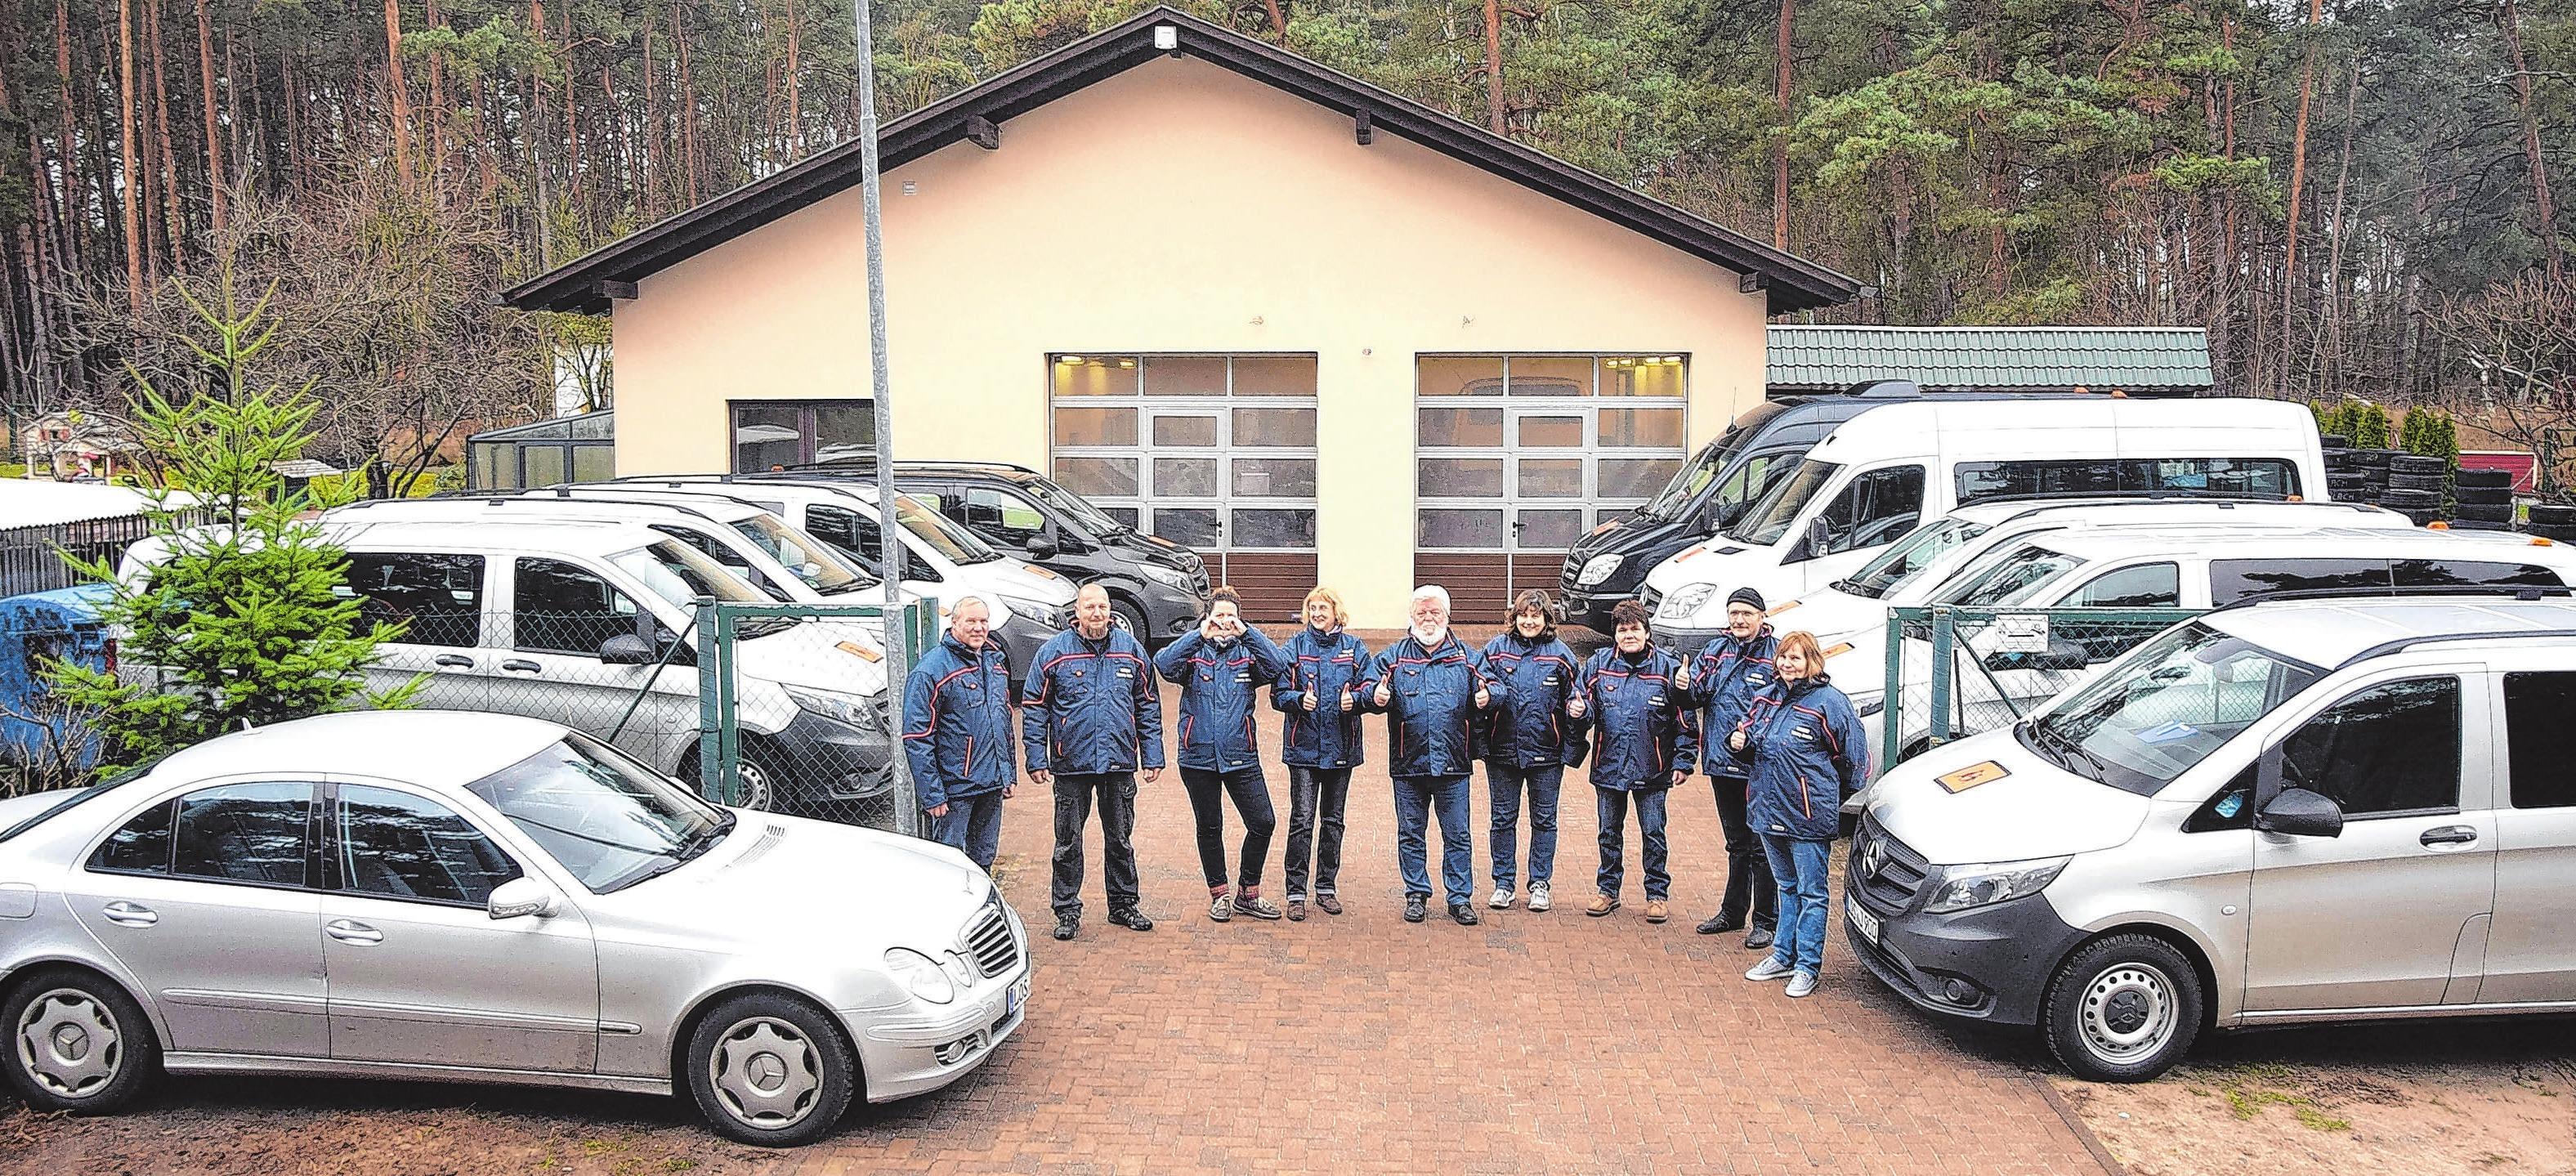 Freude über 25 Jahre: Hennry Jarzina (l.) und sein gerade anwesendes Teams freuen sich über das Firmenjubiläum. Fotos: Reinhard Witteck